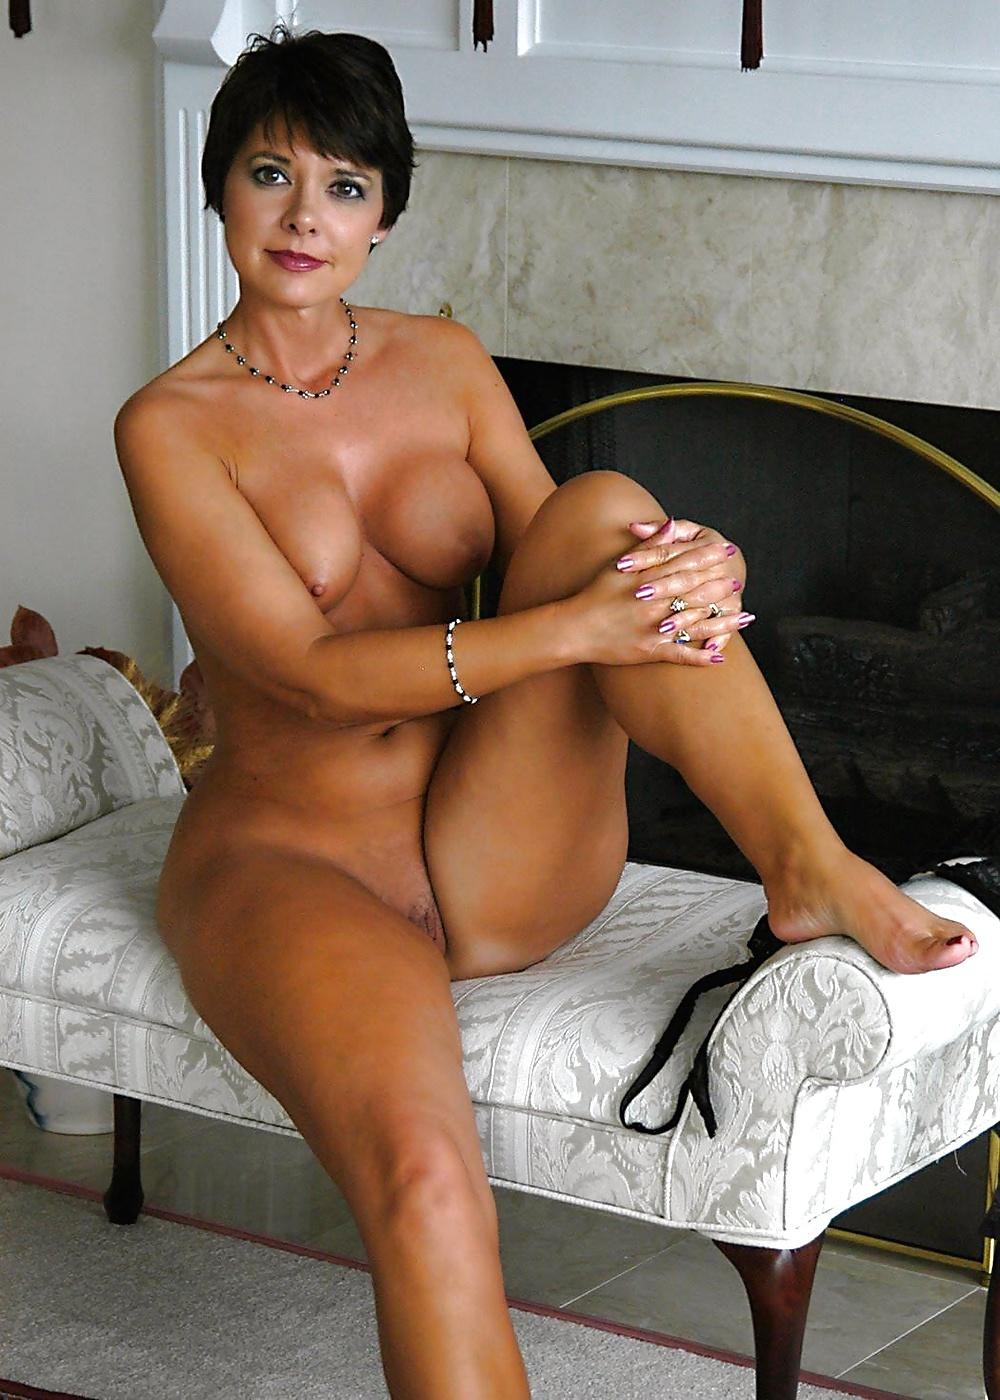 порно фото женщин в возрасте с короткой стрижкой